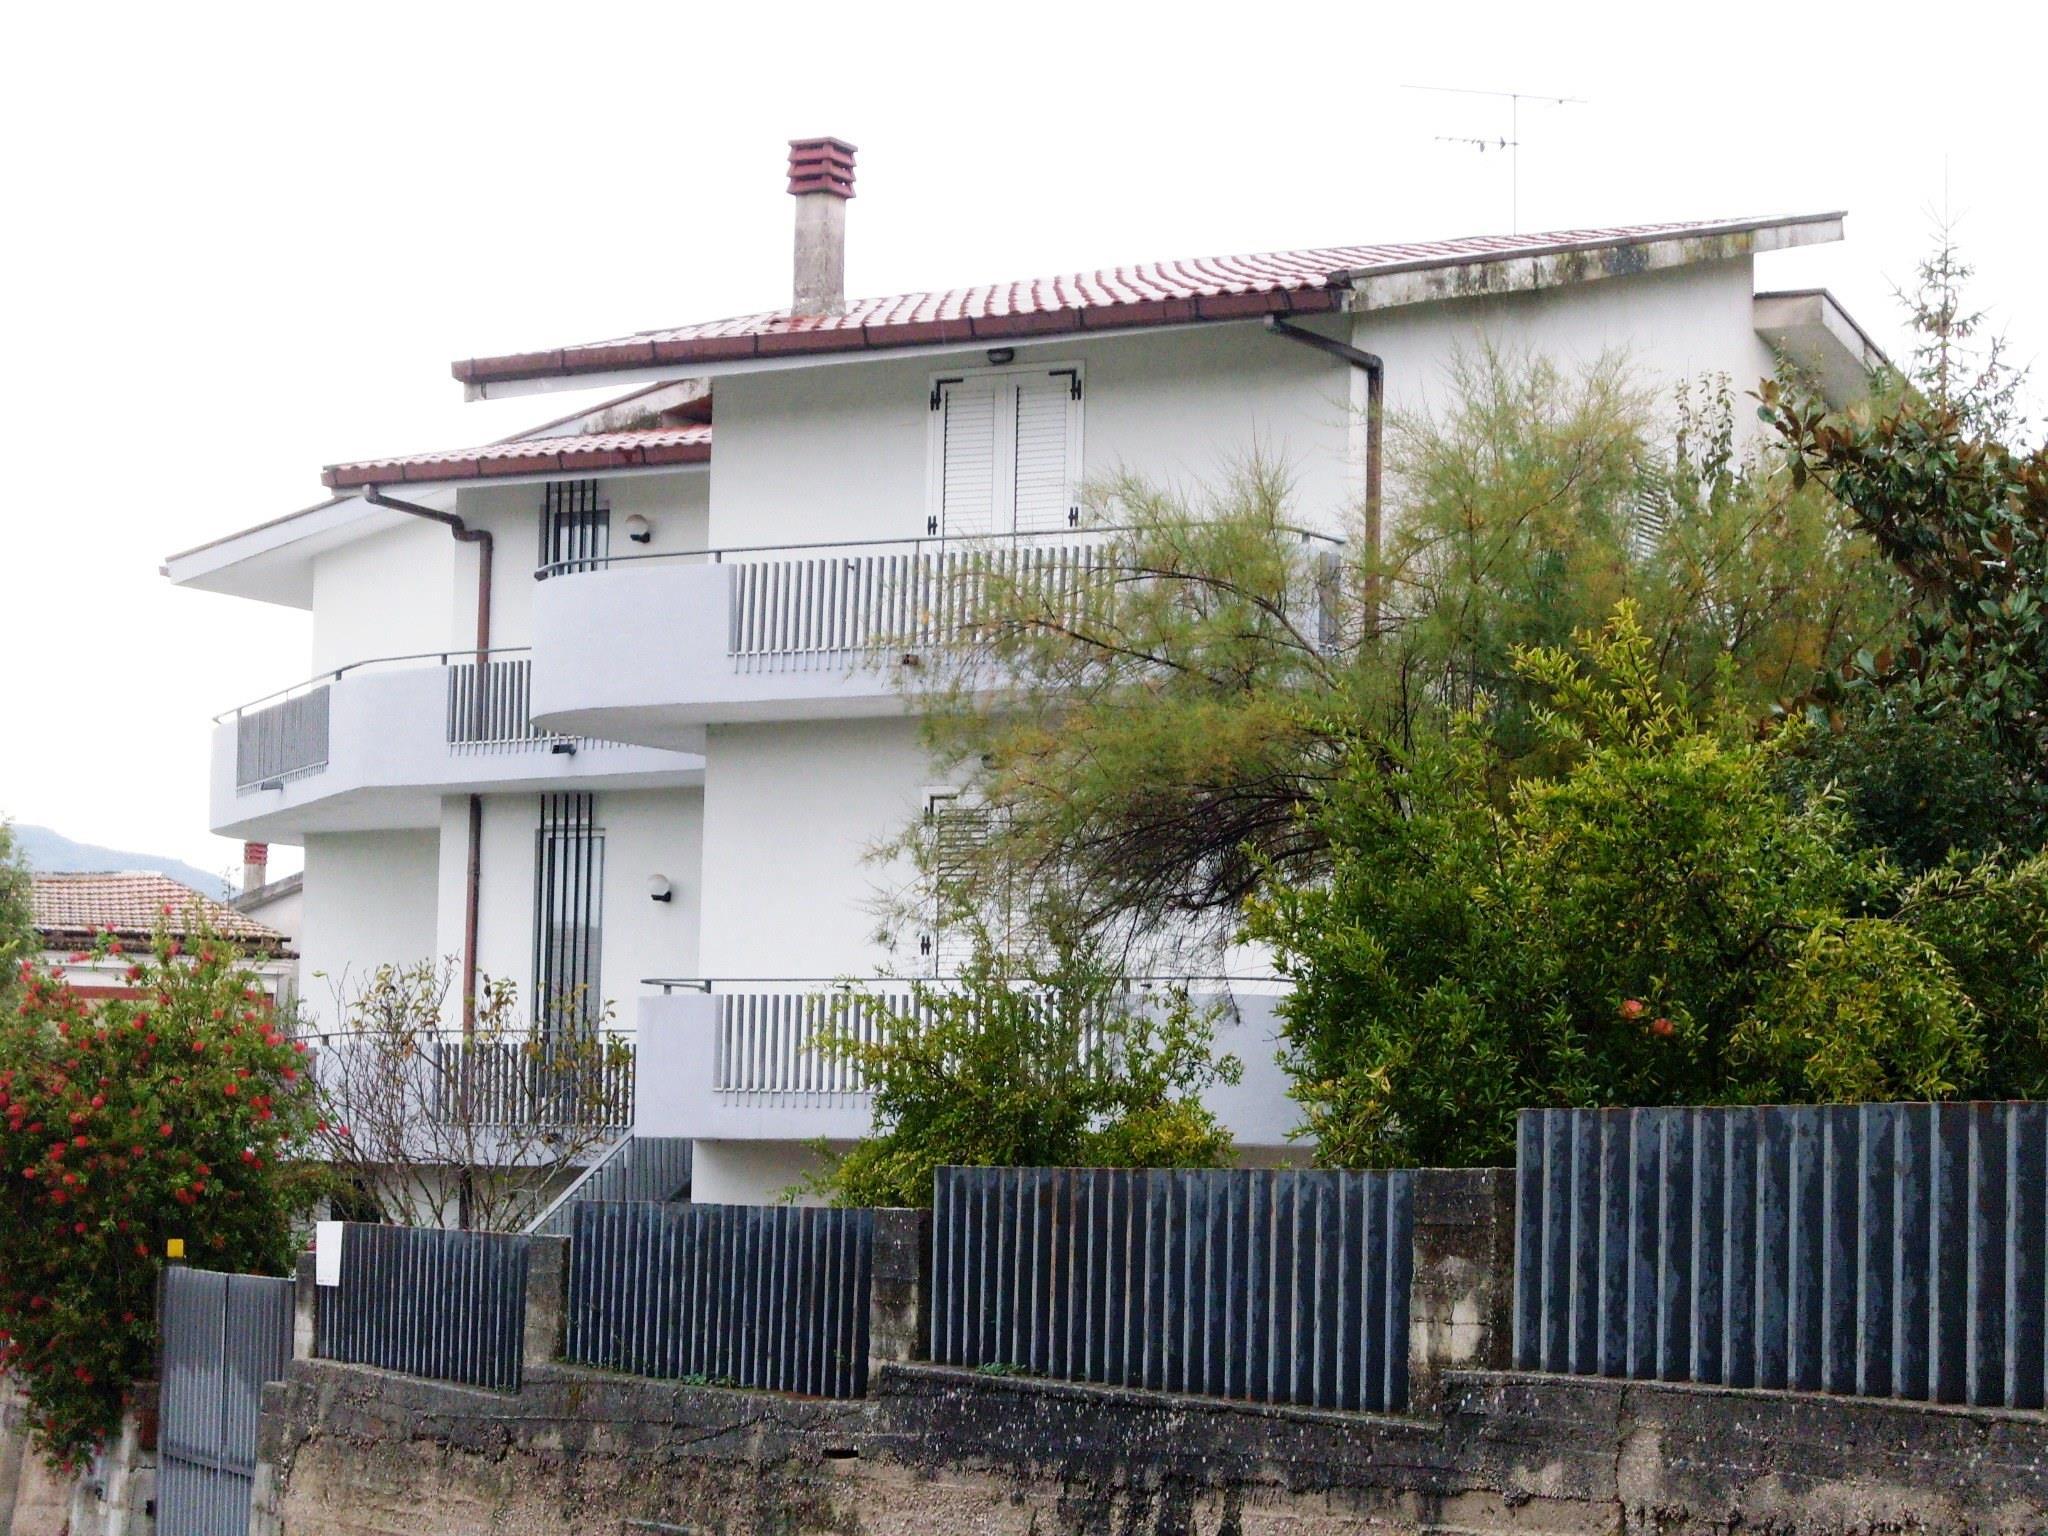 Villa abitabile in vendita vendita villa da privato a for Monte alloro affitti di cabina